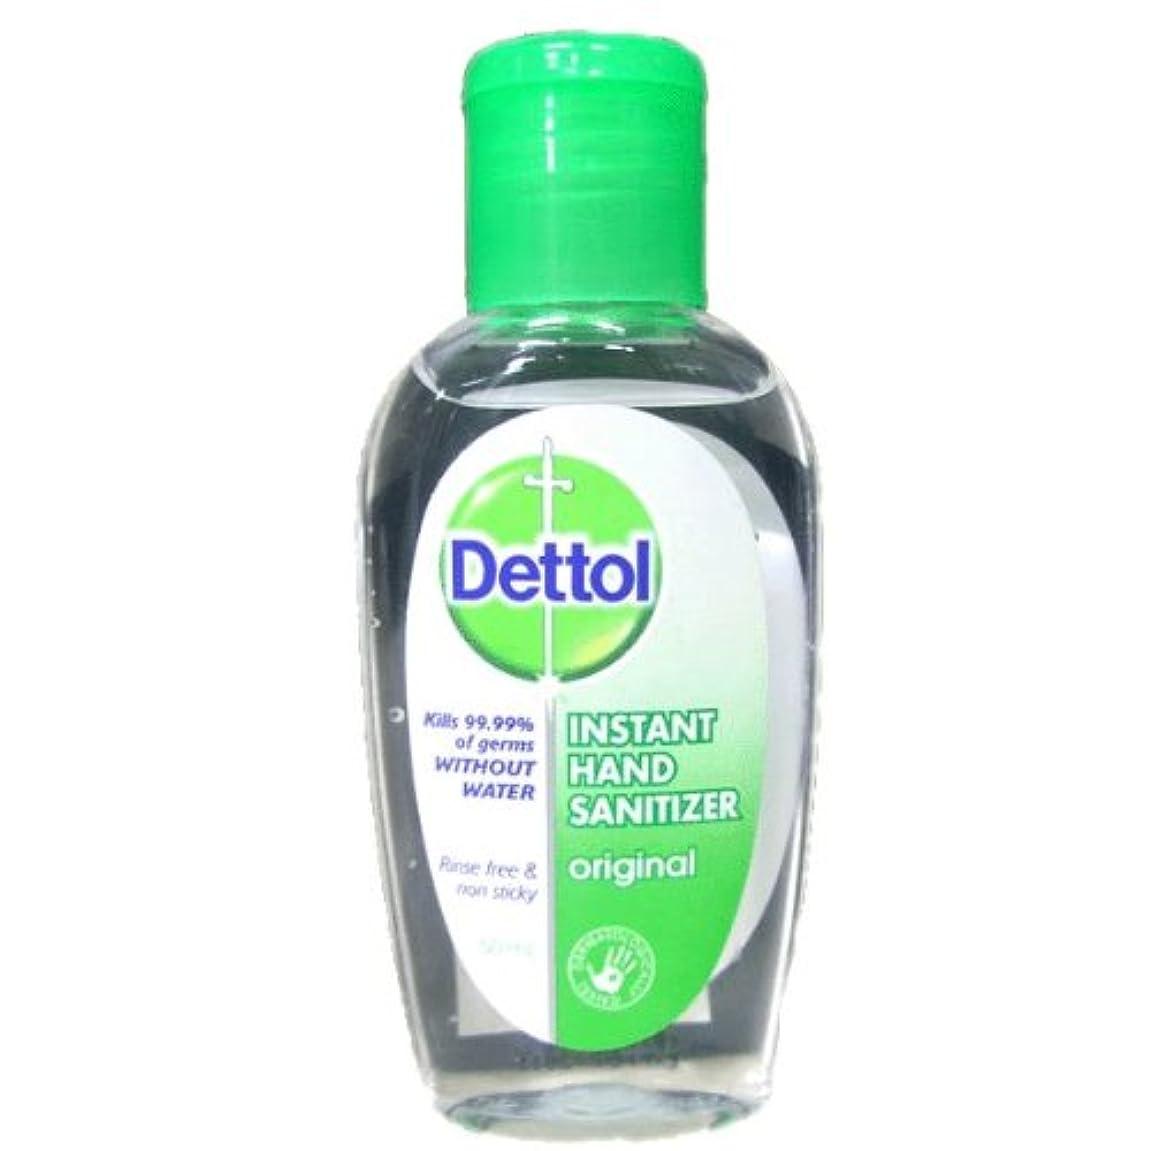 過言オーストラリア人適切にDettol instant hand sanitizer